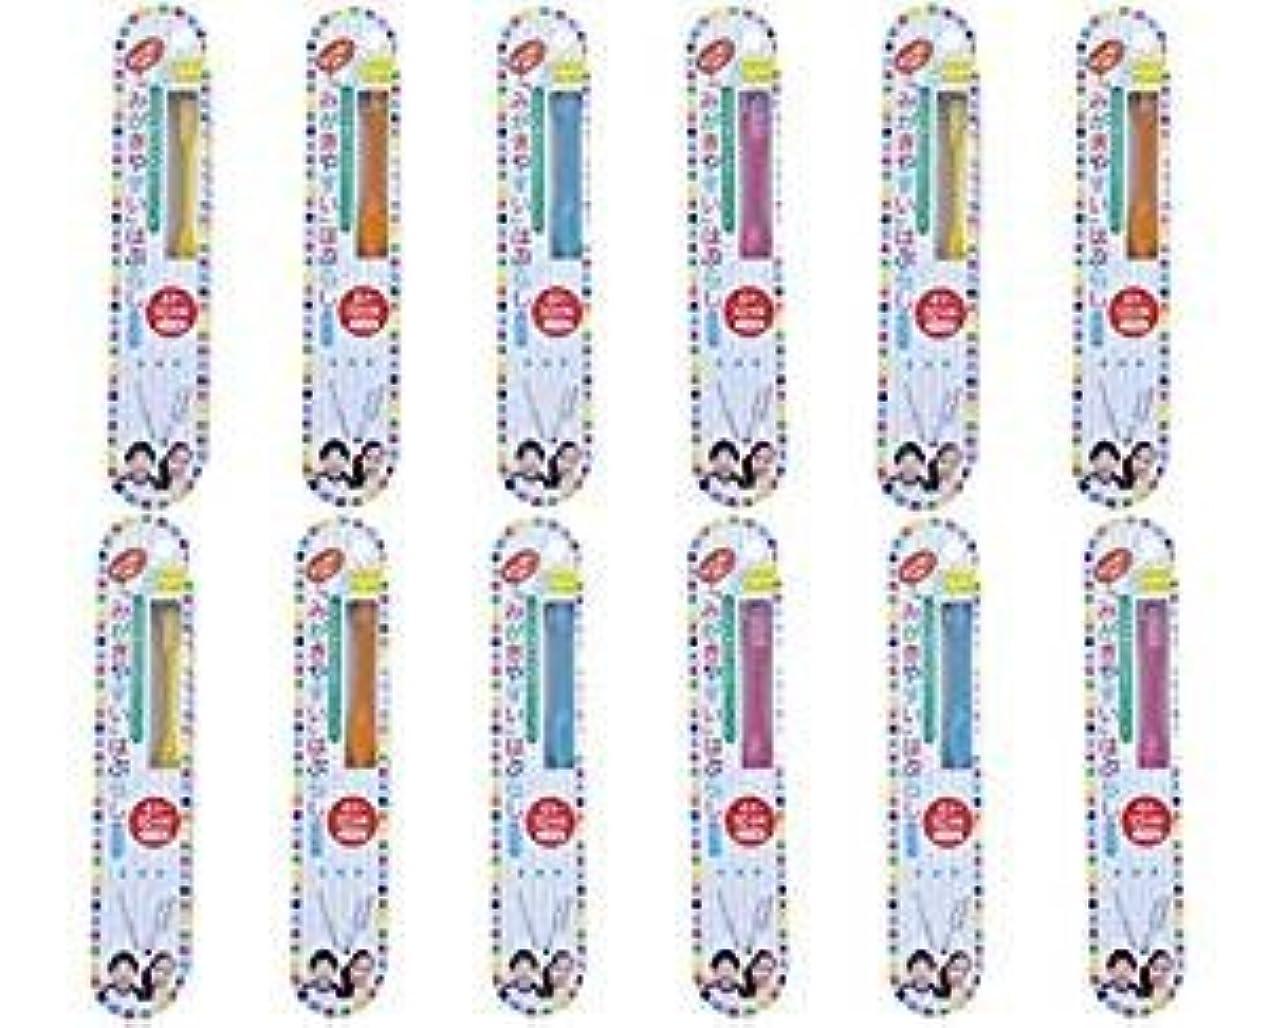 キュービック動くパネル歯ブラシ職人田辺重吉 磨きやすい歯ブラシこども用 LT-10 (12本組)